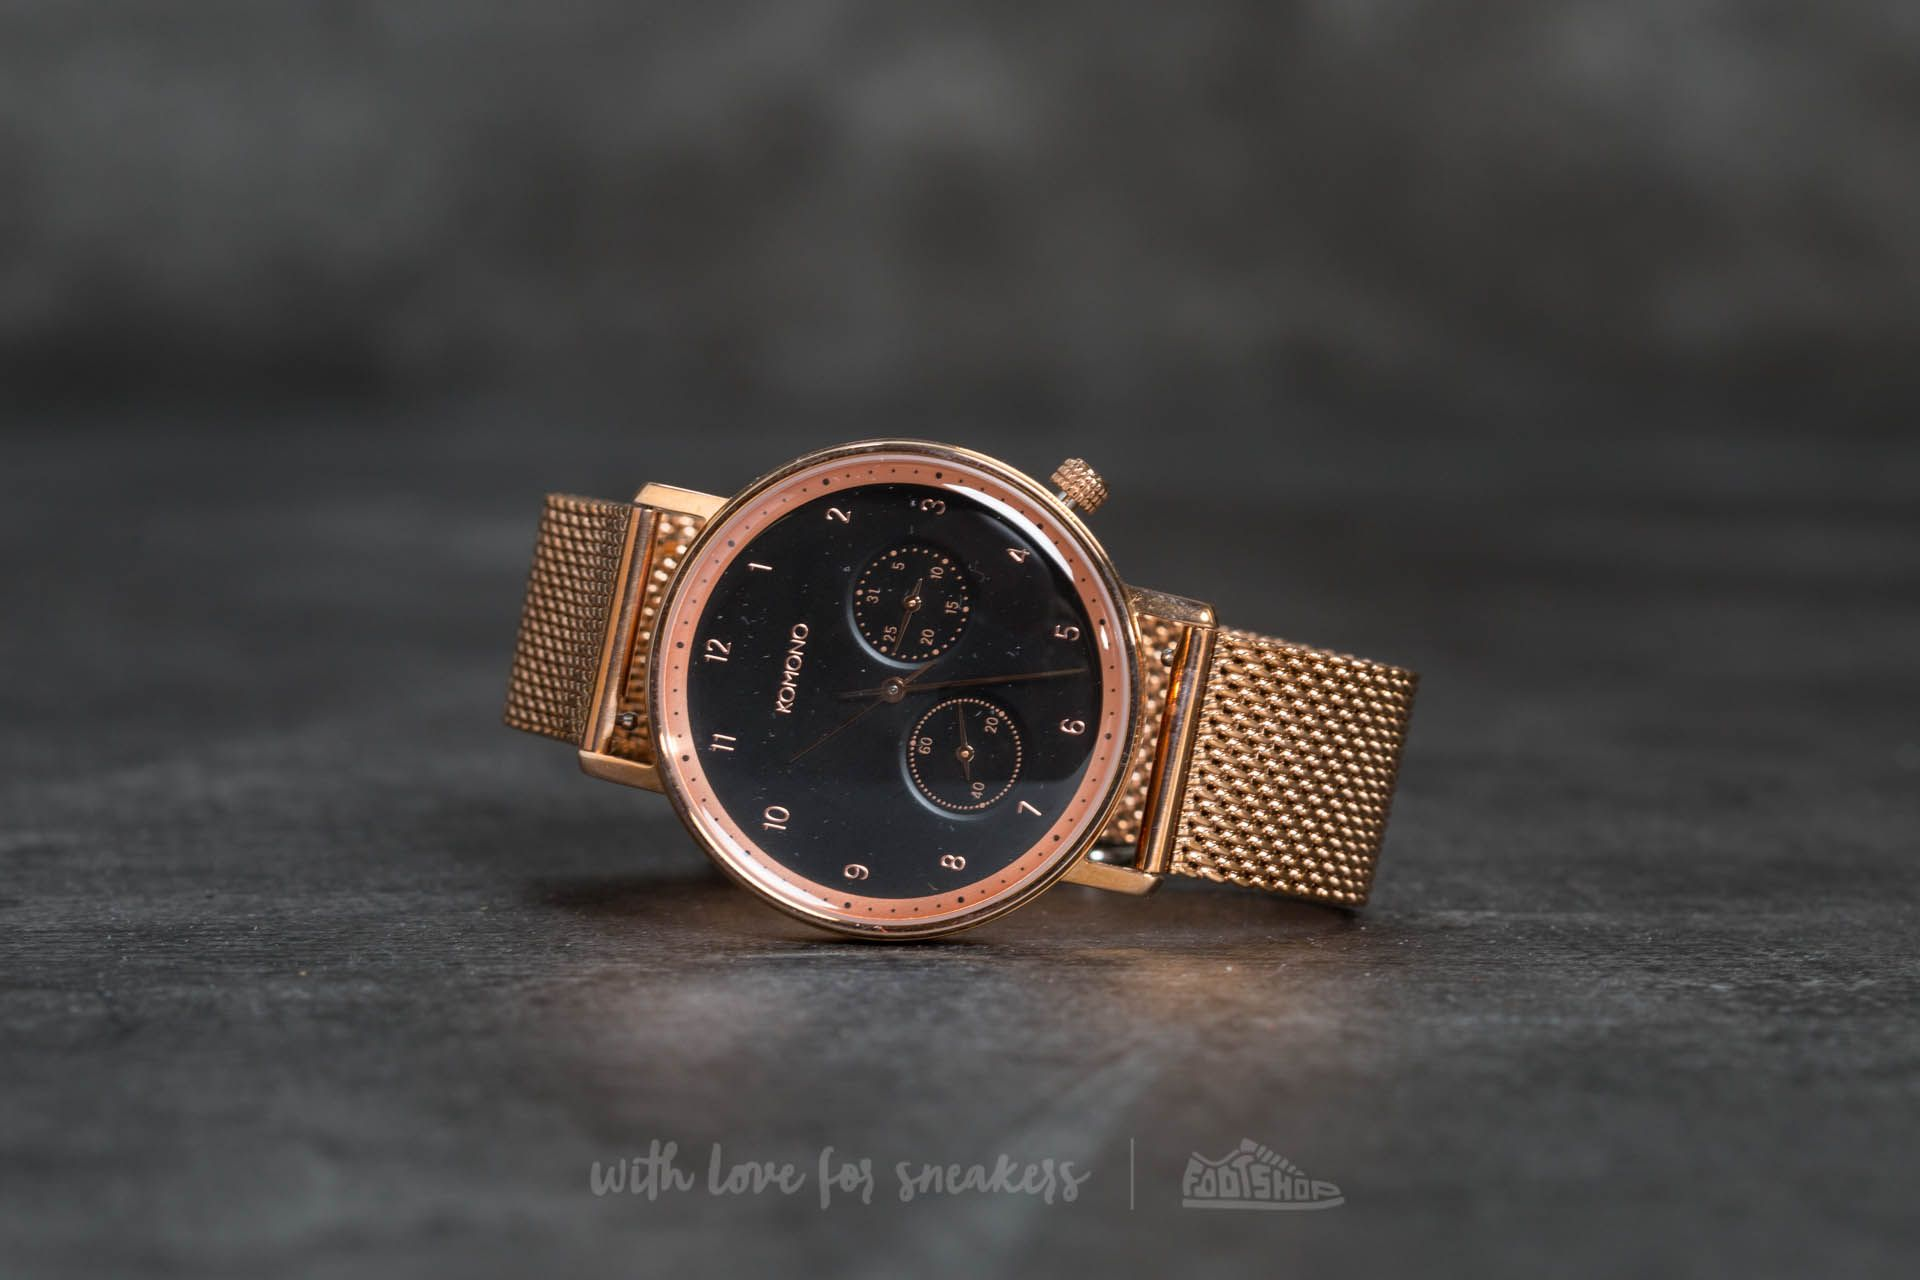 Komono Walther Rose Gold Mesh za skvělou cenu 3 990 Kč koupíte na Footshop.cz